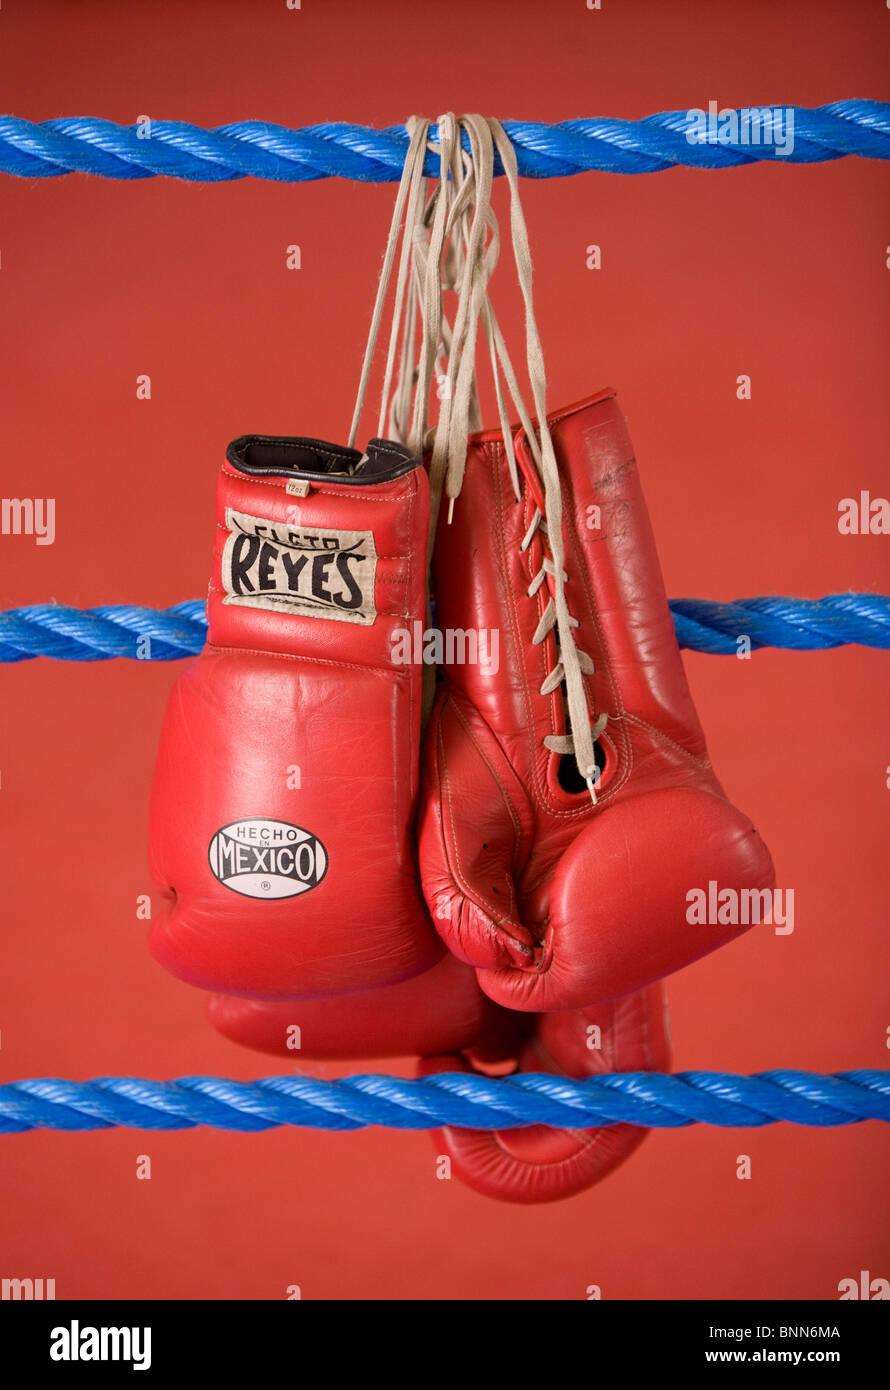 Gants de boxe rouge accrocher sur les cordes d'un ring de boxe. Photo par James Boardman Photo Stock